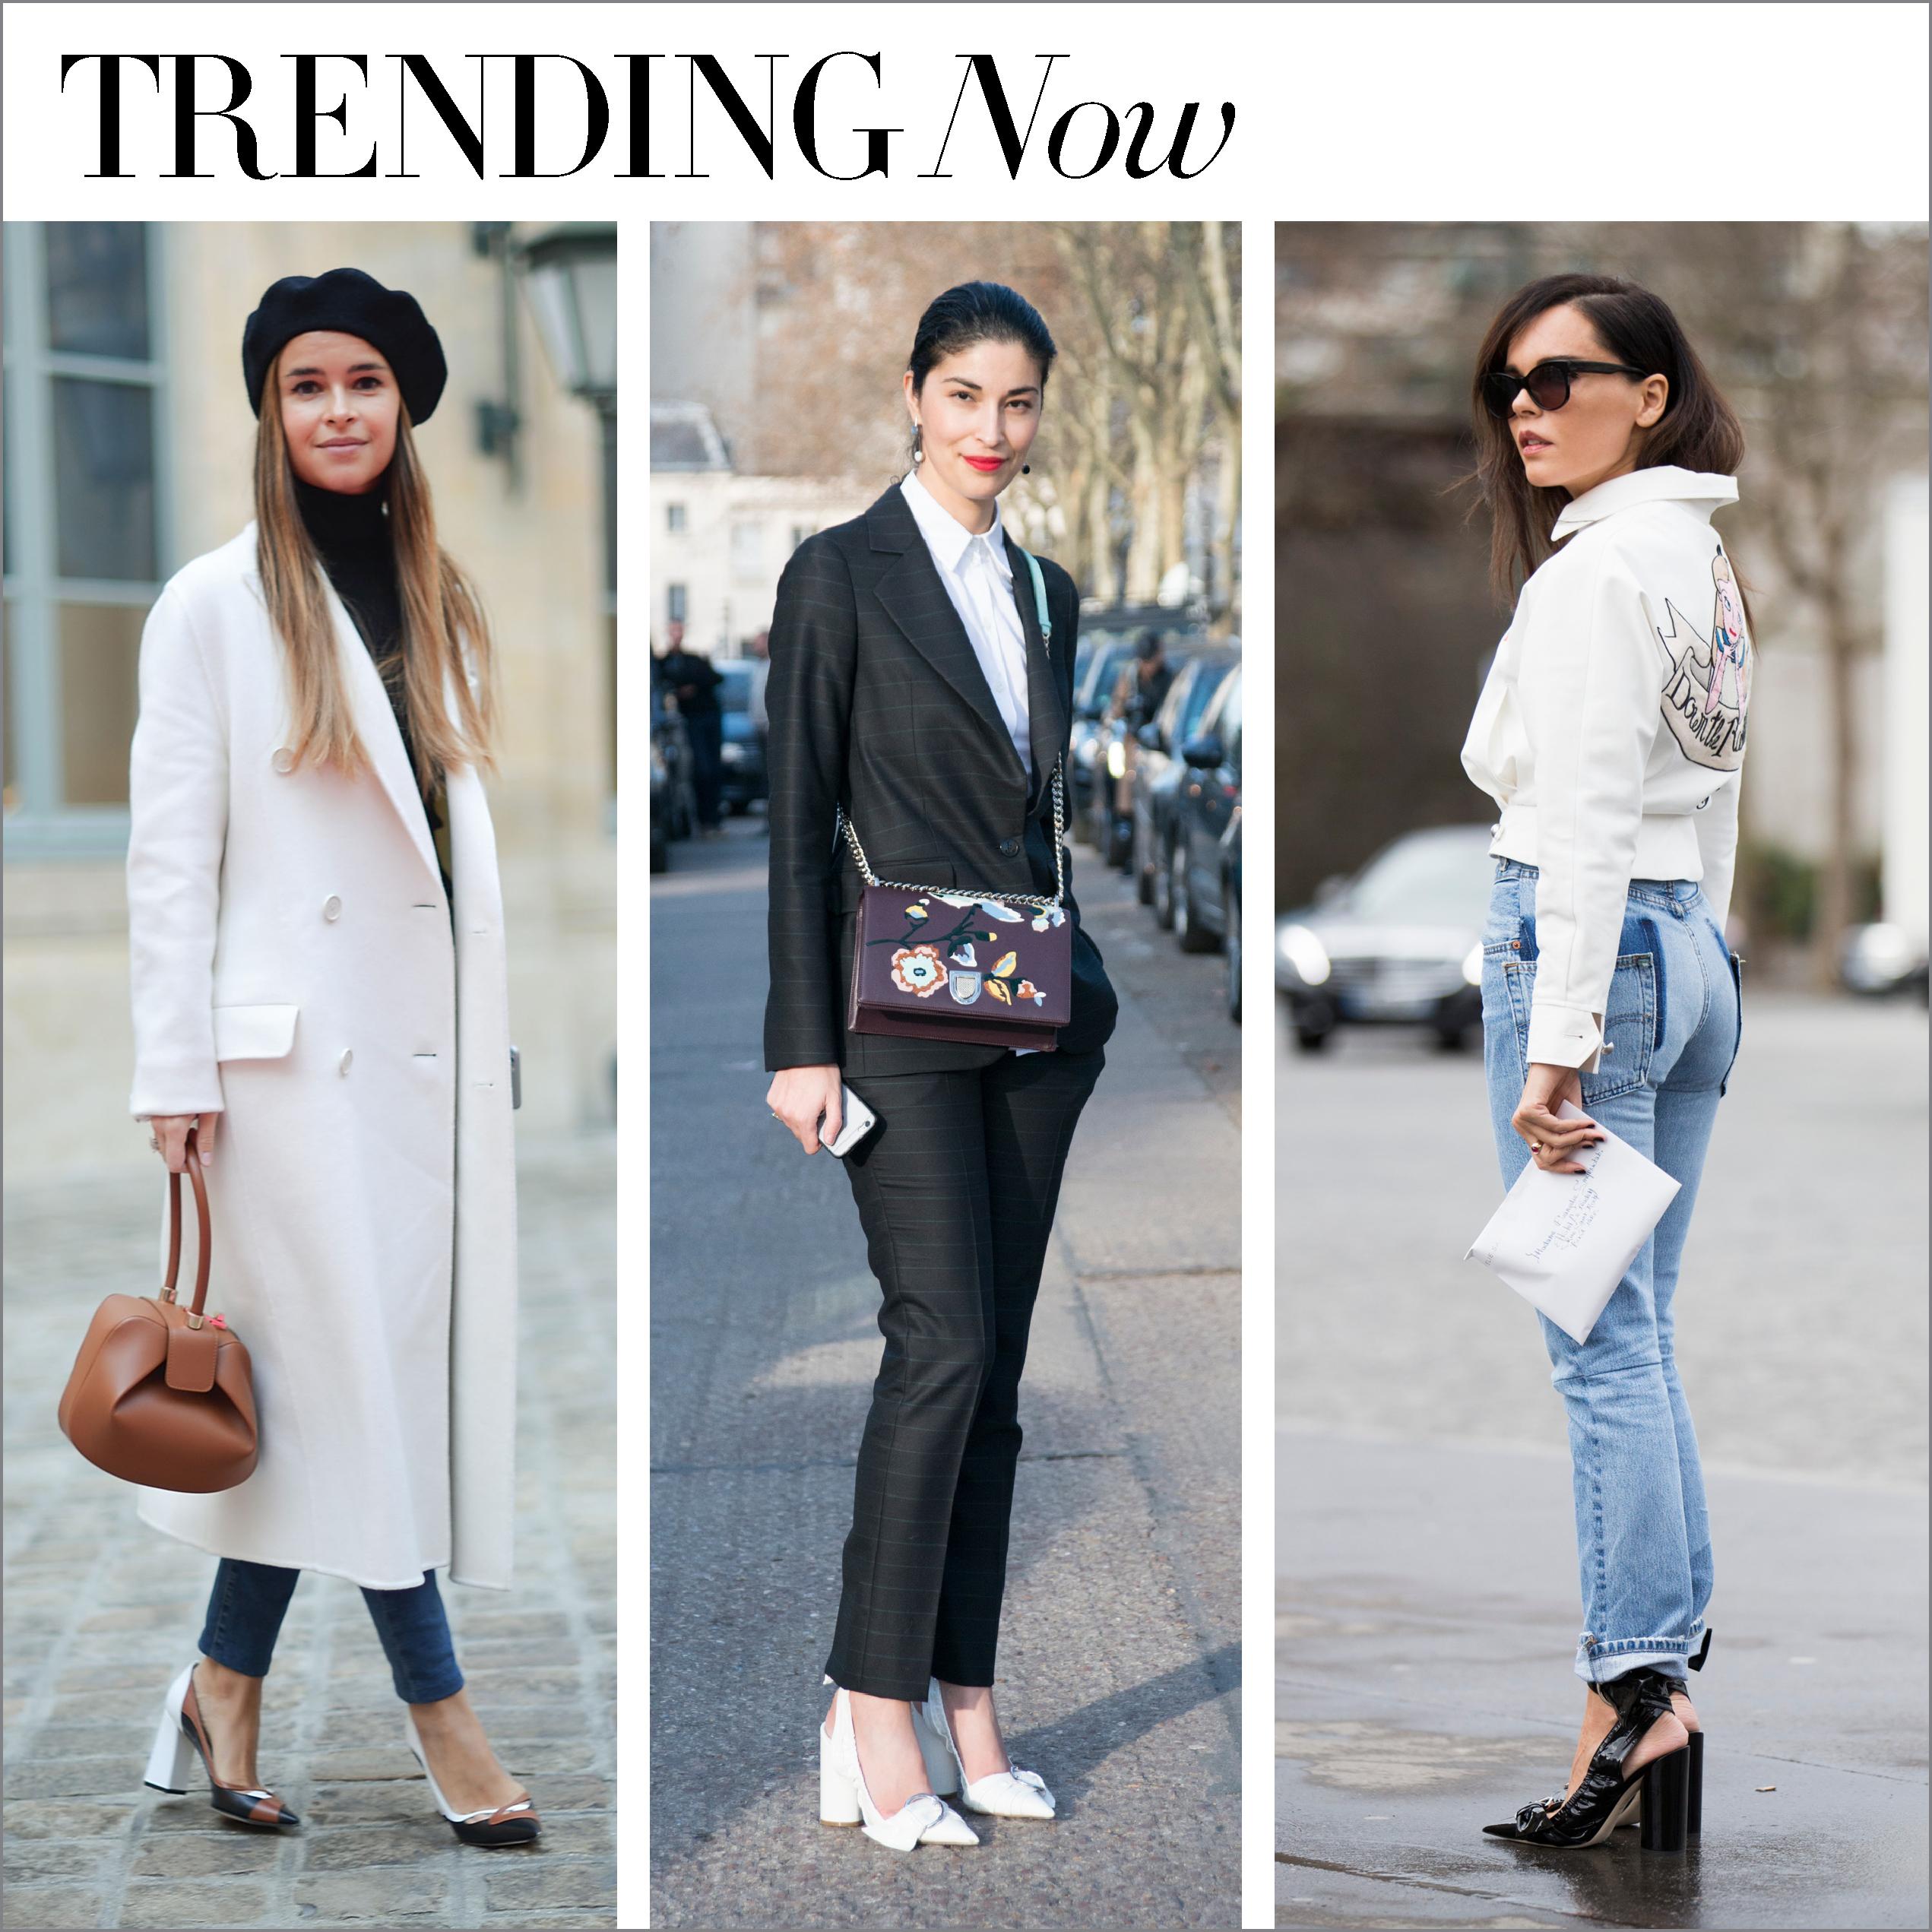 trending now...heels on the block